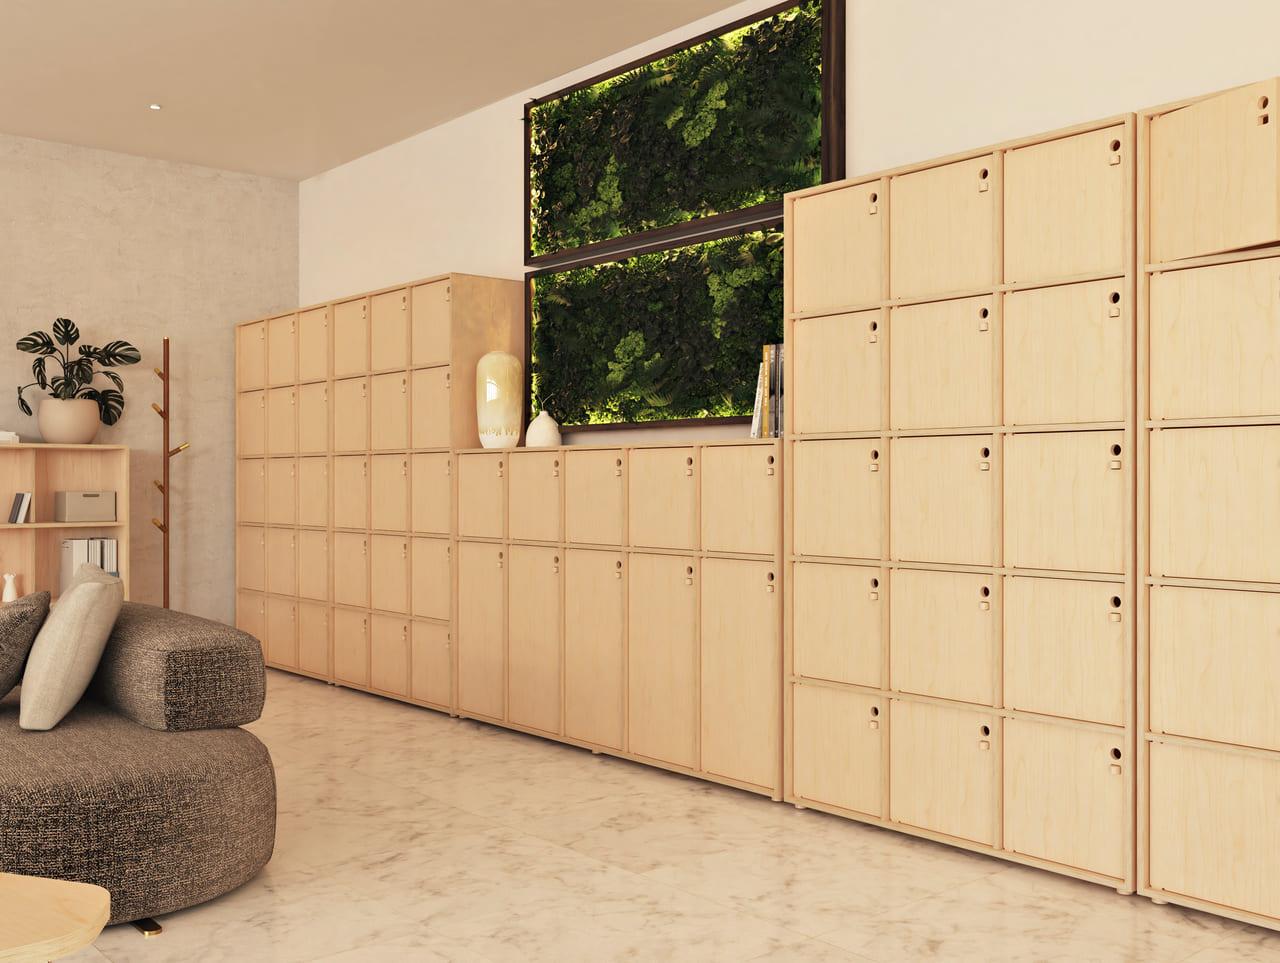 Casier personnel au travail dédié aux affaires personnelles des équipes disposé sur-mesure sur la quasi-totalité d'un mur dans un espace détente à l'ambiance et au style contemporain décoré de plantes vertes et de mobilier en bois